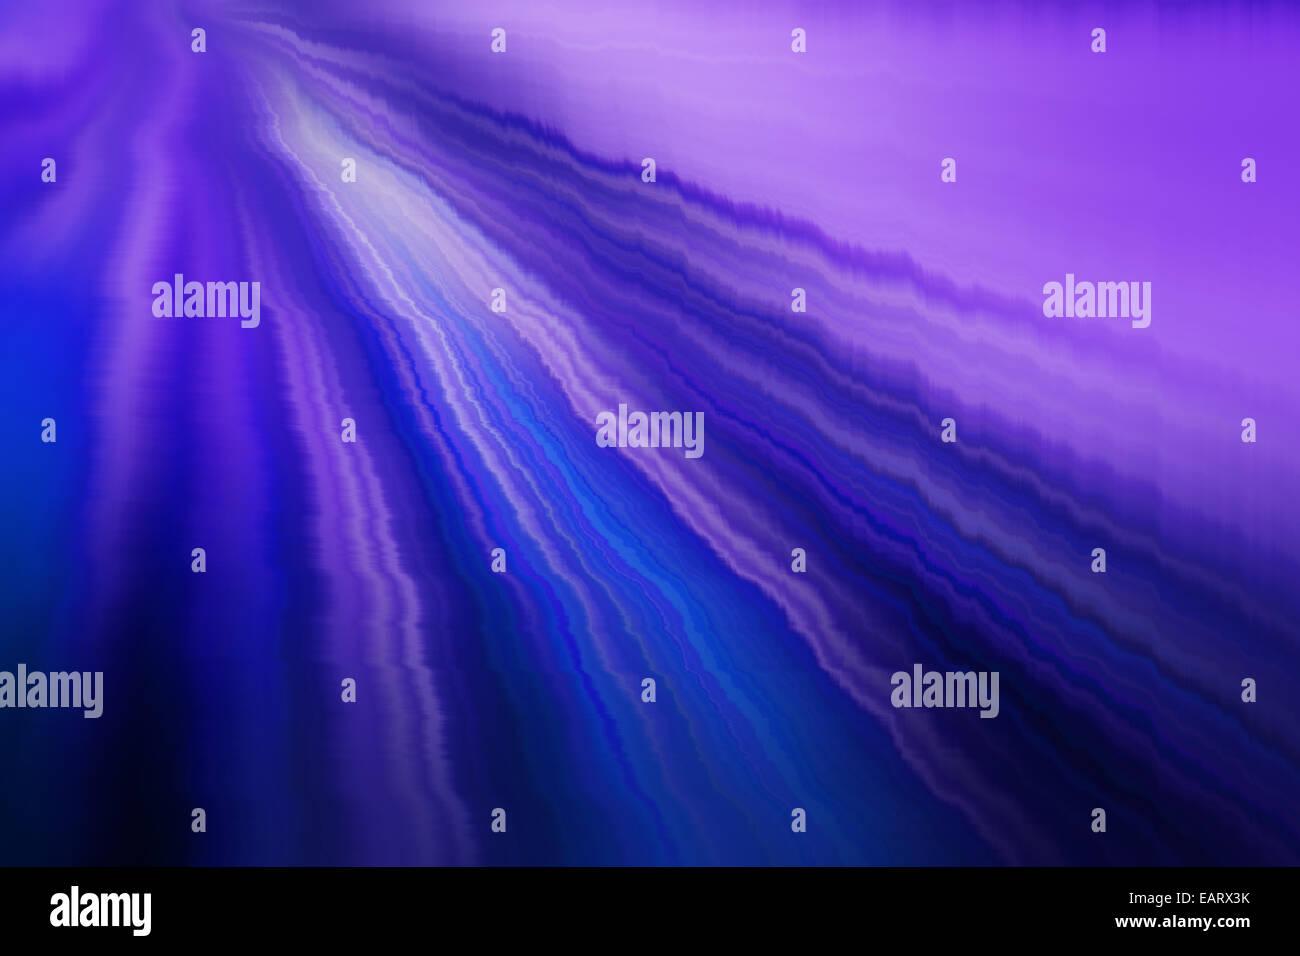 elektronische Wellen in blau und violett Stockbild